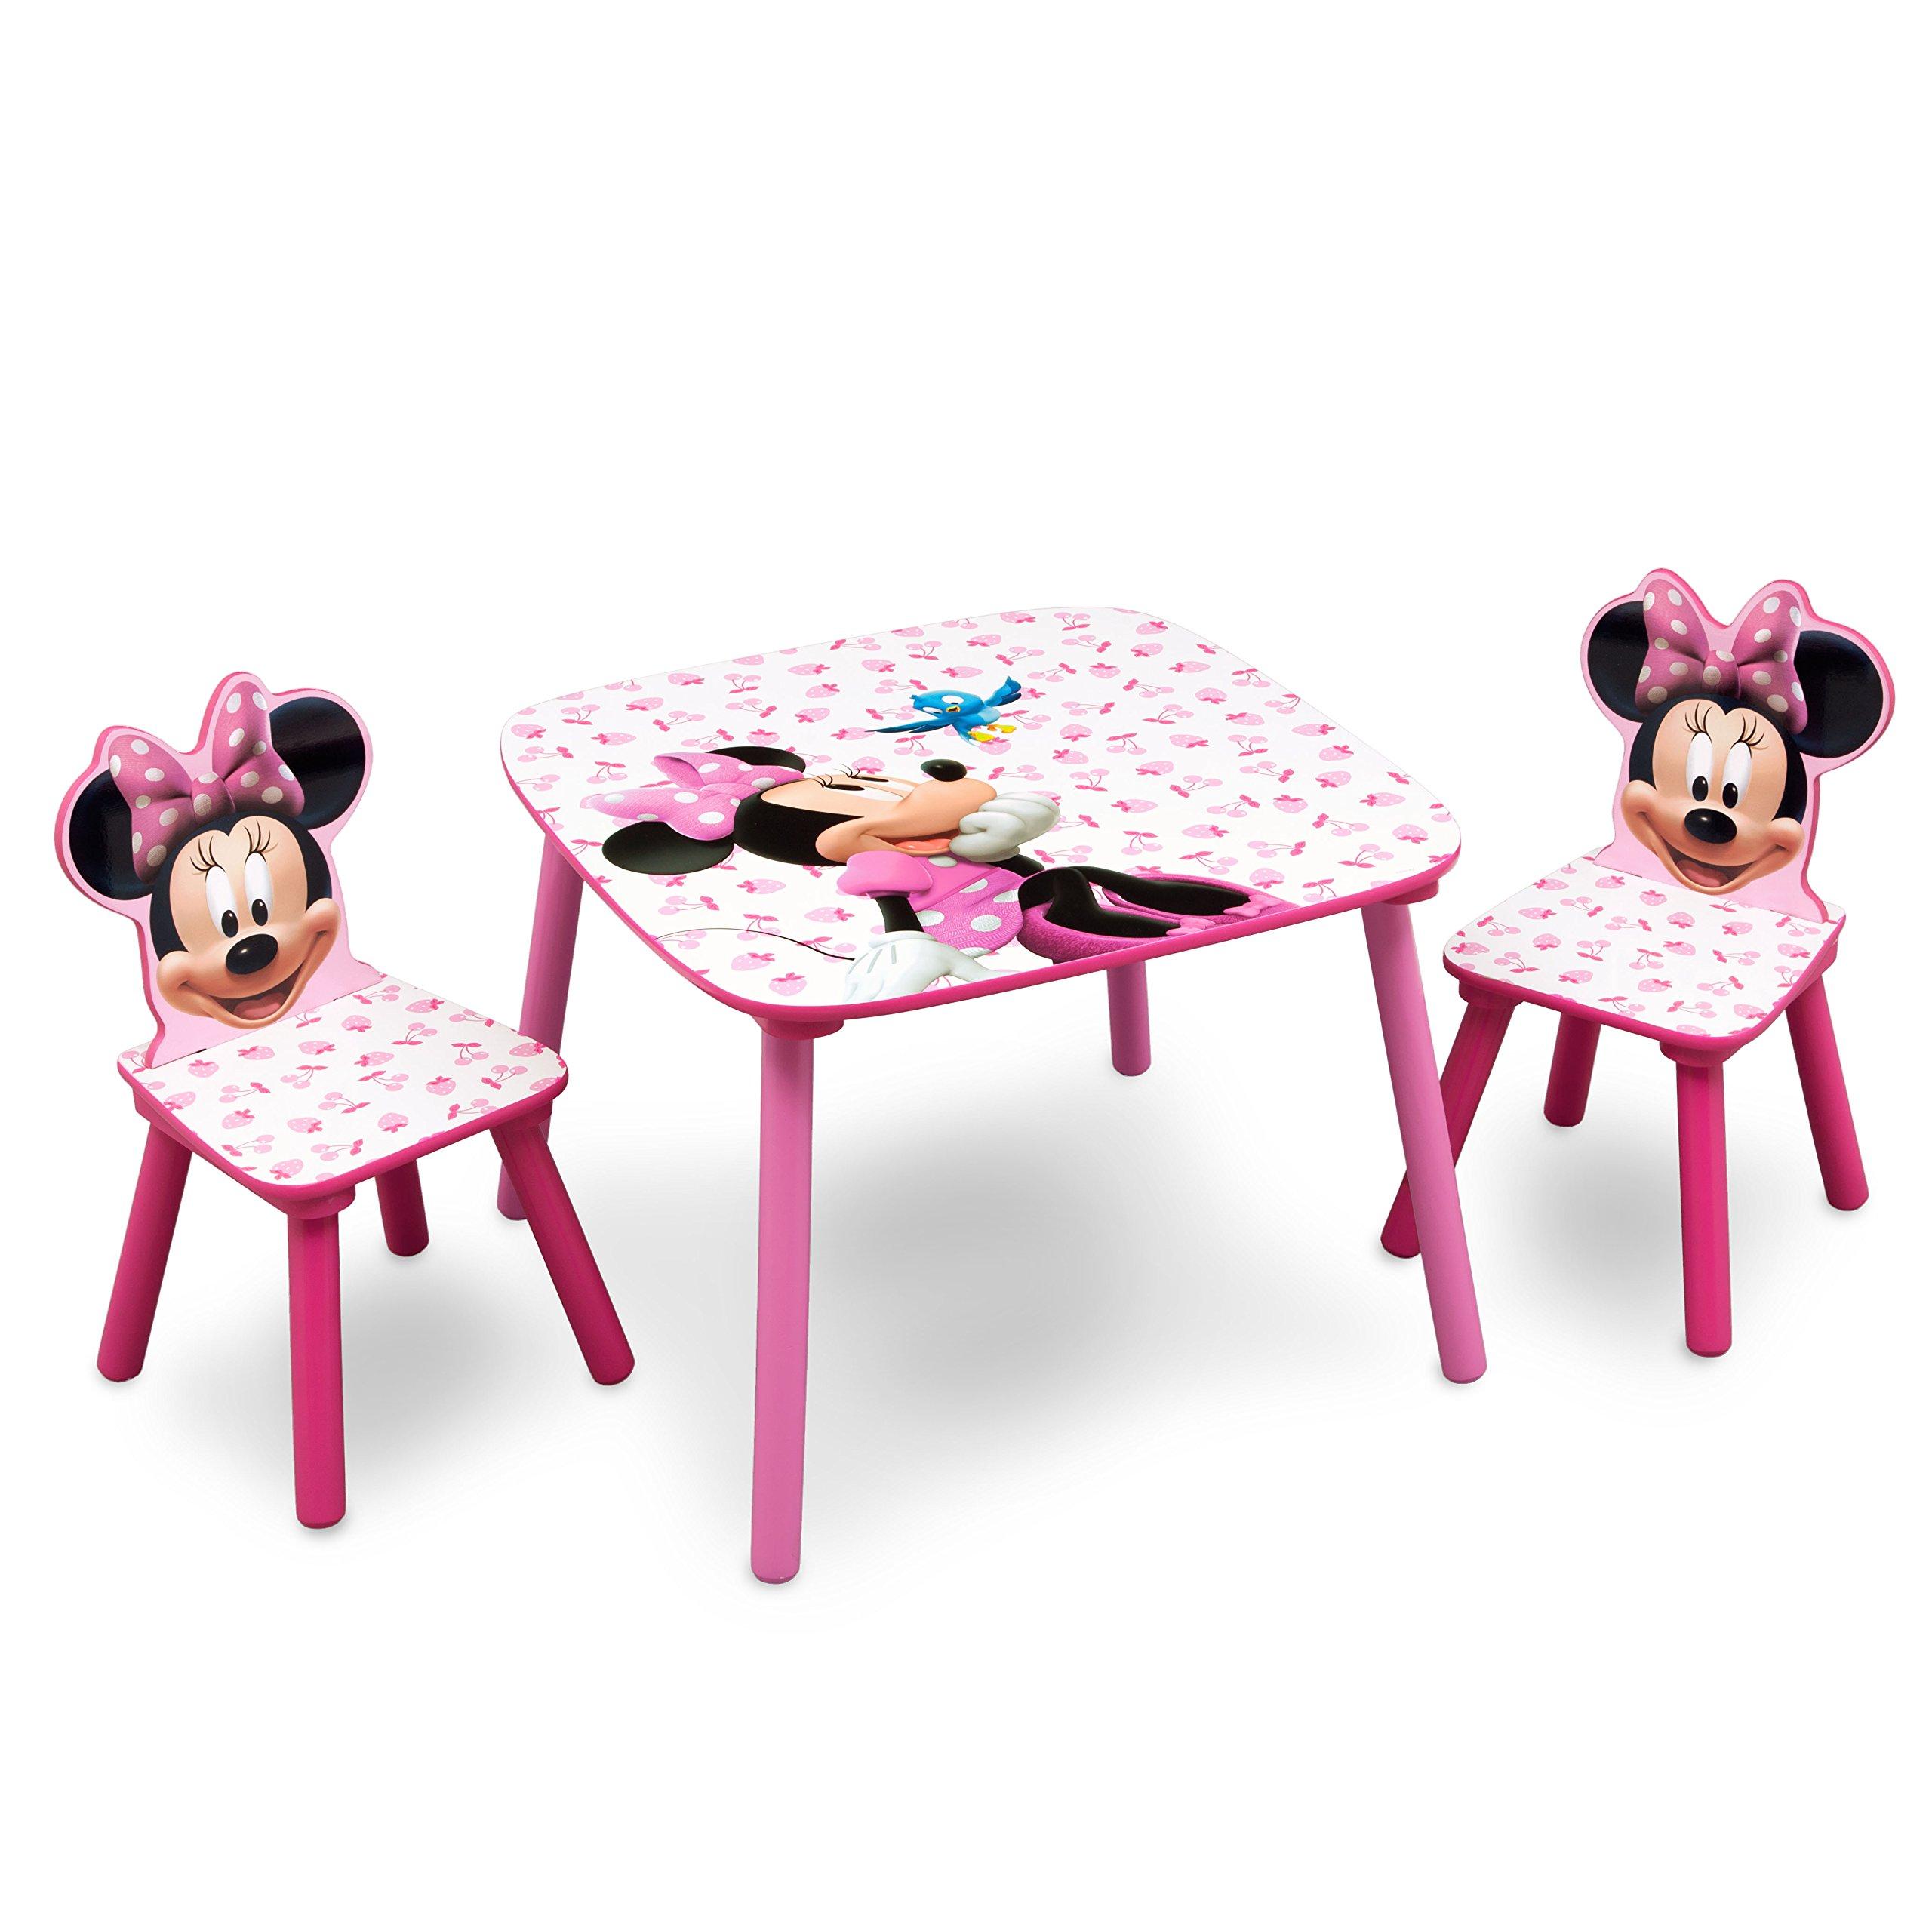 Set Tavolo E Sedie Minnie.Disney Set Tavolo Con 2 Sedie Per Bambini Minnie Mouse Giochi Legno